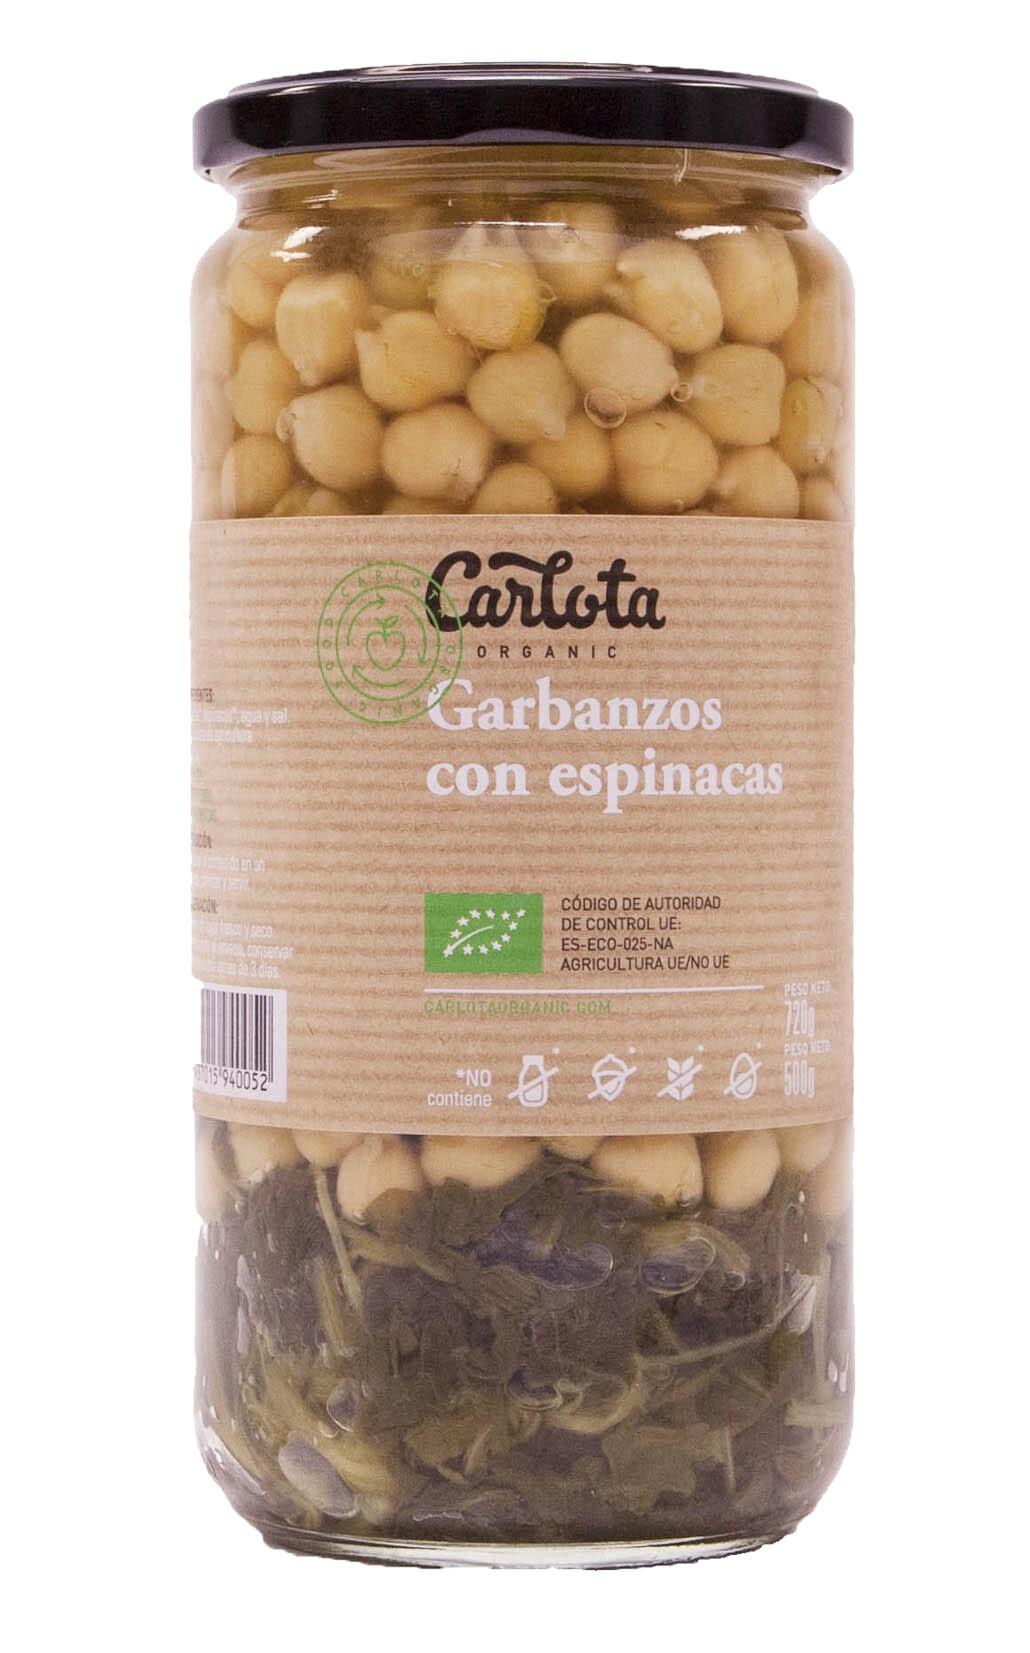 GARBANZOS CON ESPINACAS 720gr CARLOTA ORGANIC en Biovegalia